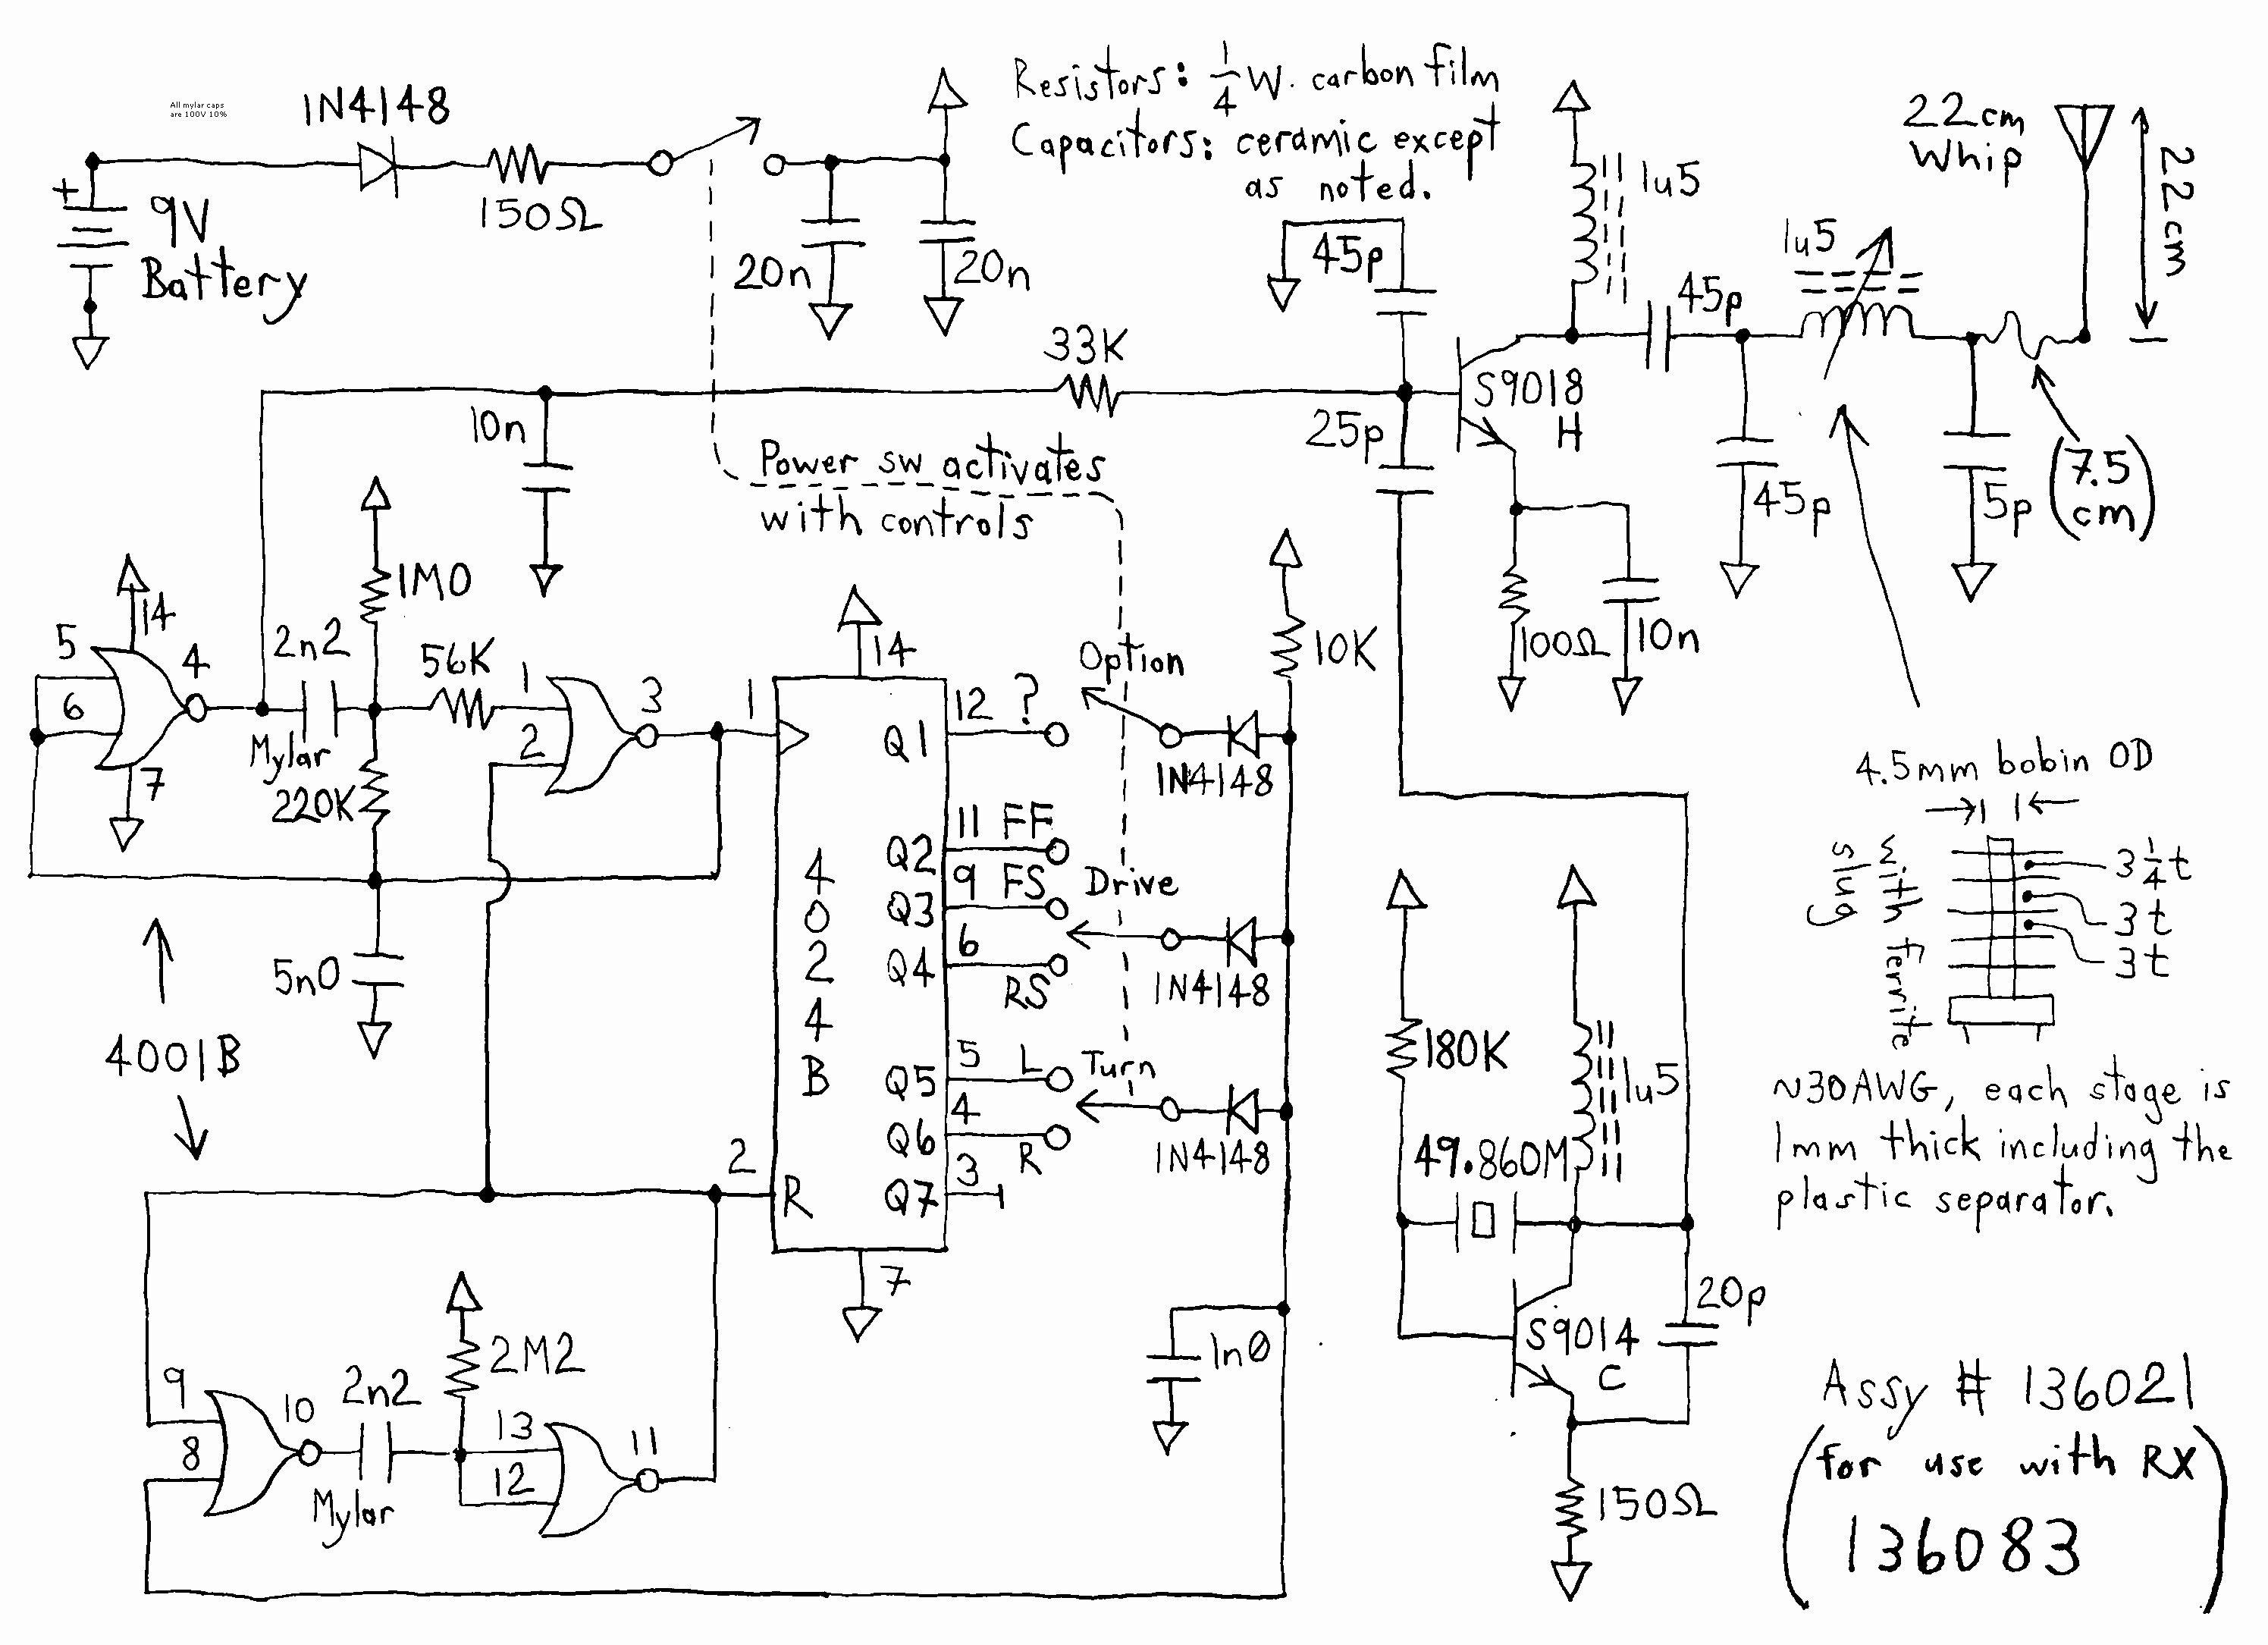 Pioneer Avic N1 Wiring Diagram In 2020 Electrical Wiring Diagram Electrical Diagram Diagram Design